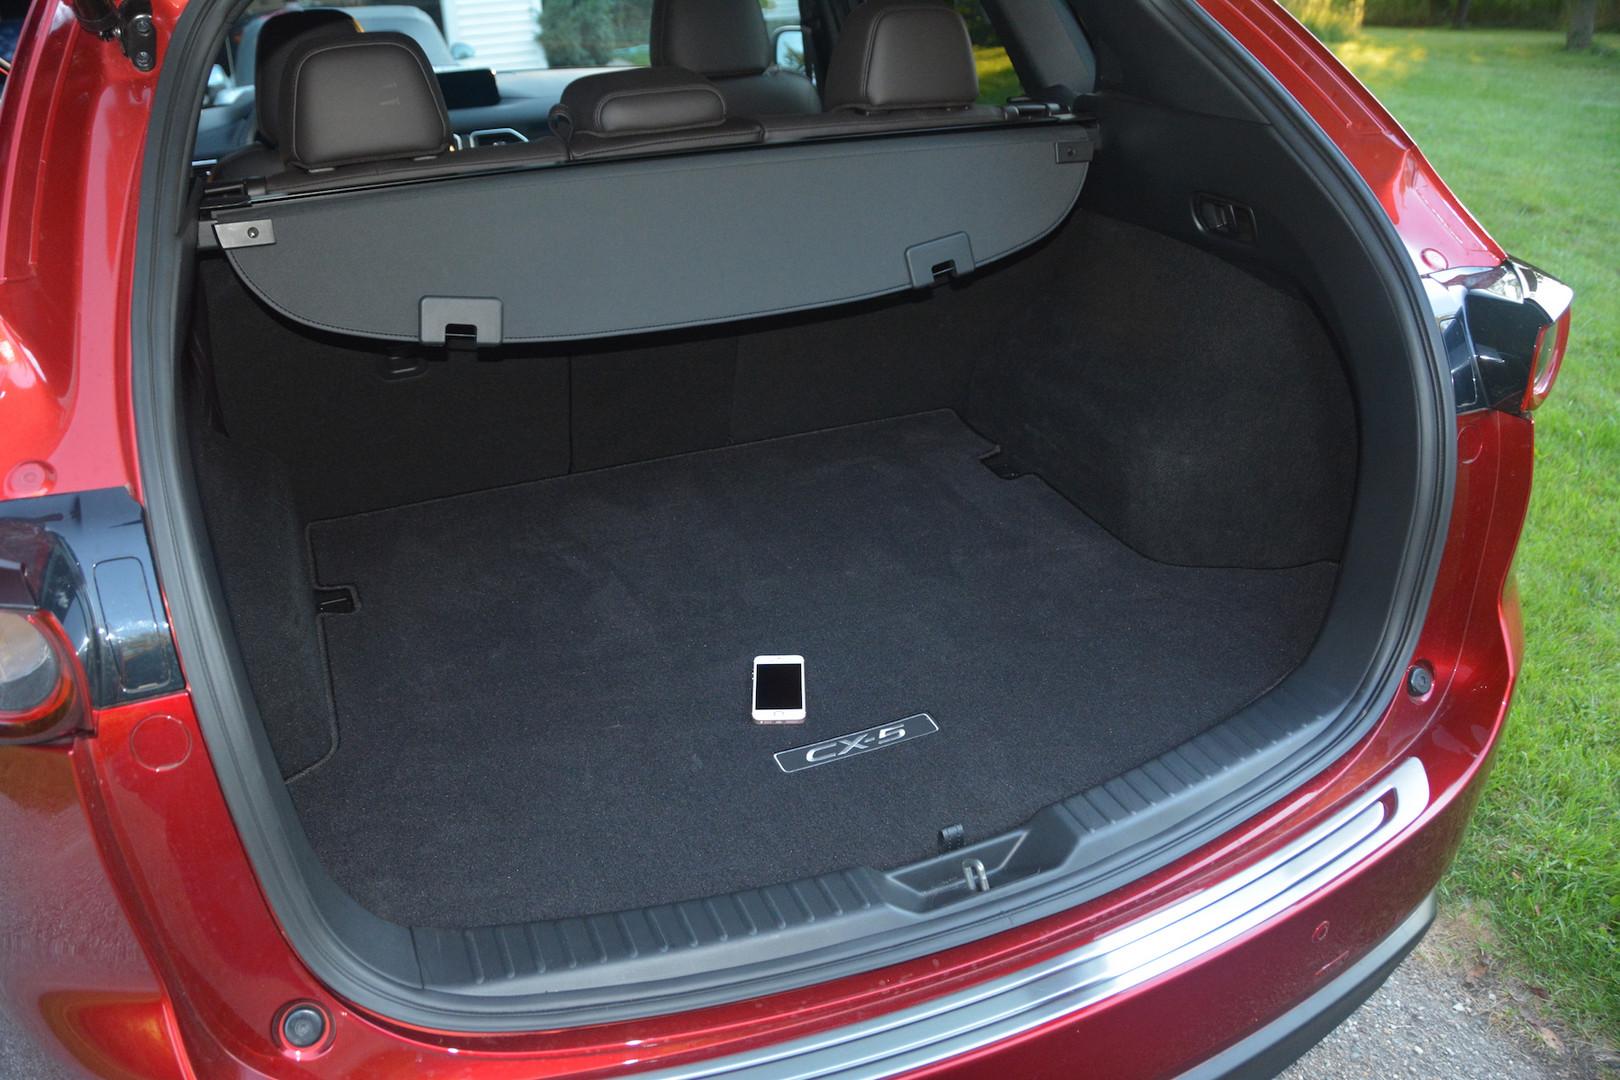 2019 Mazda CX5 Trunk